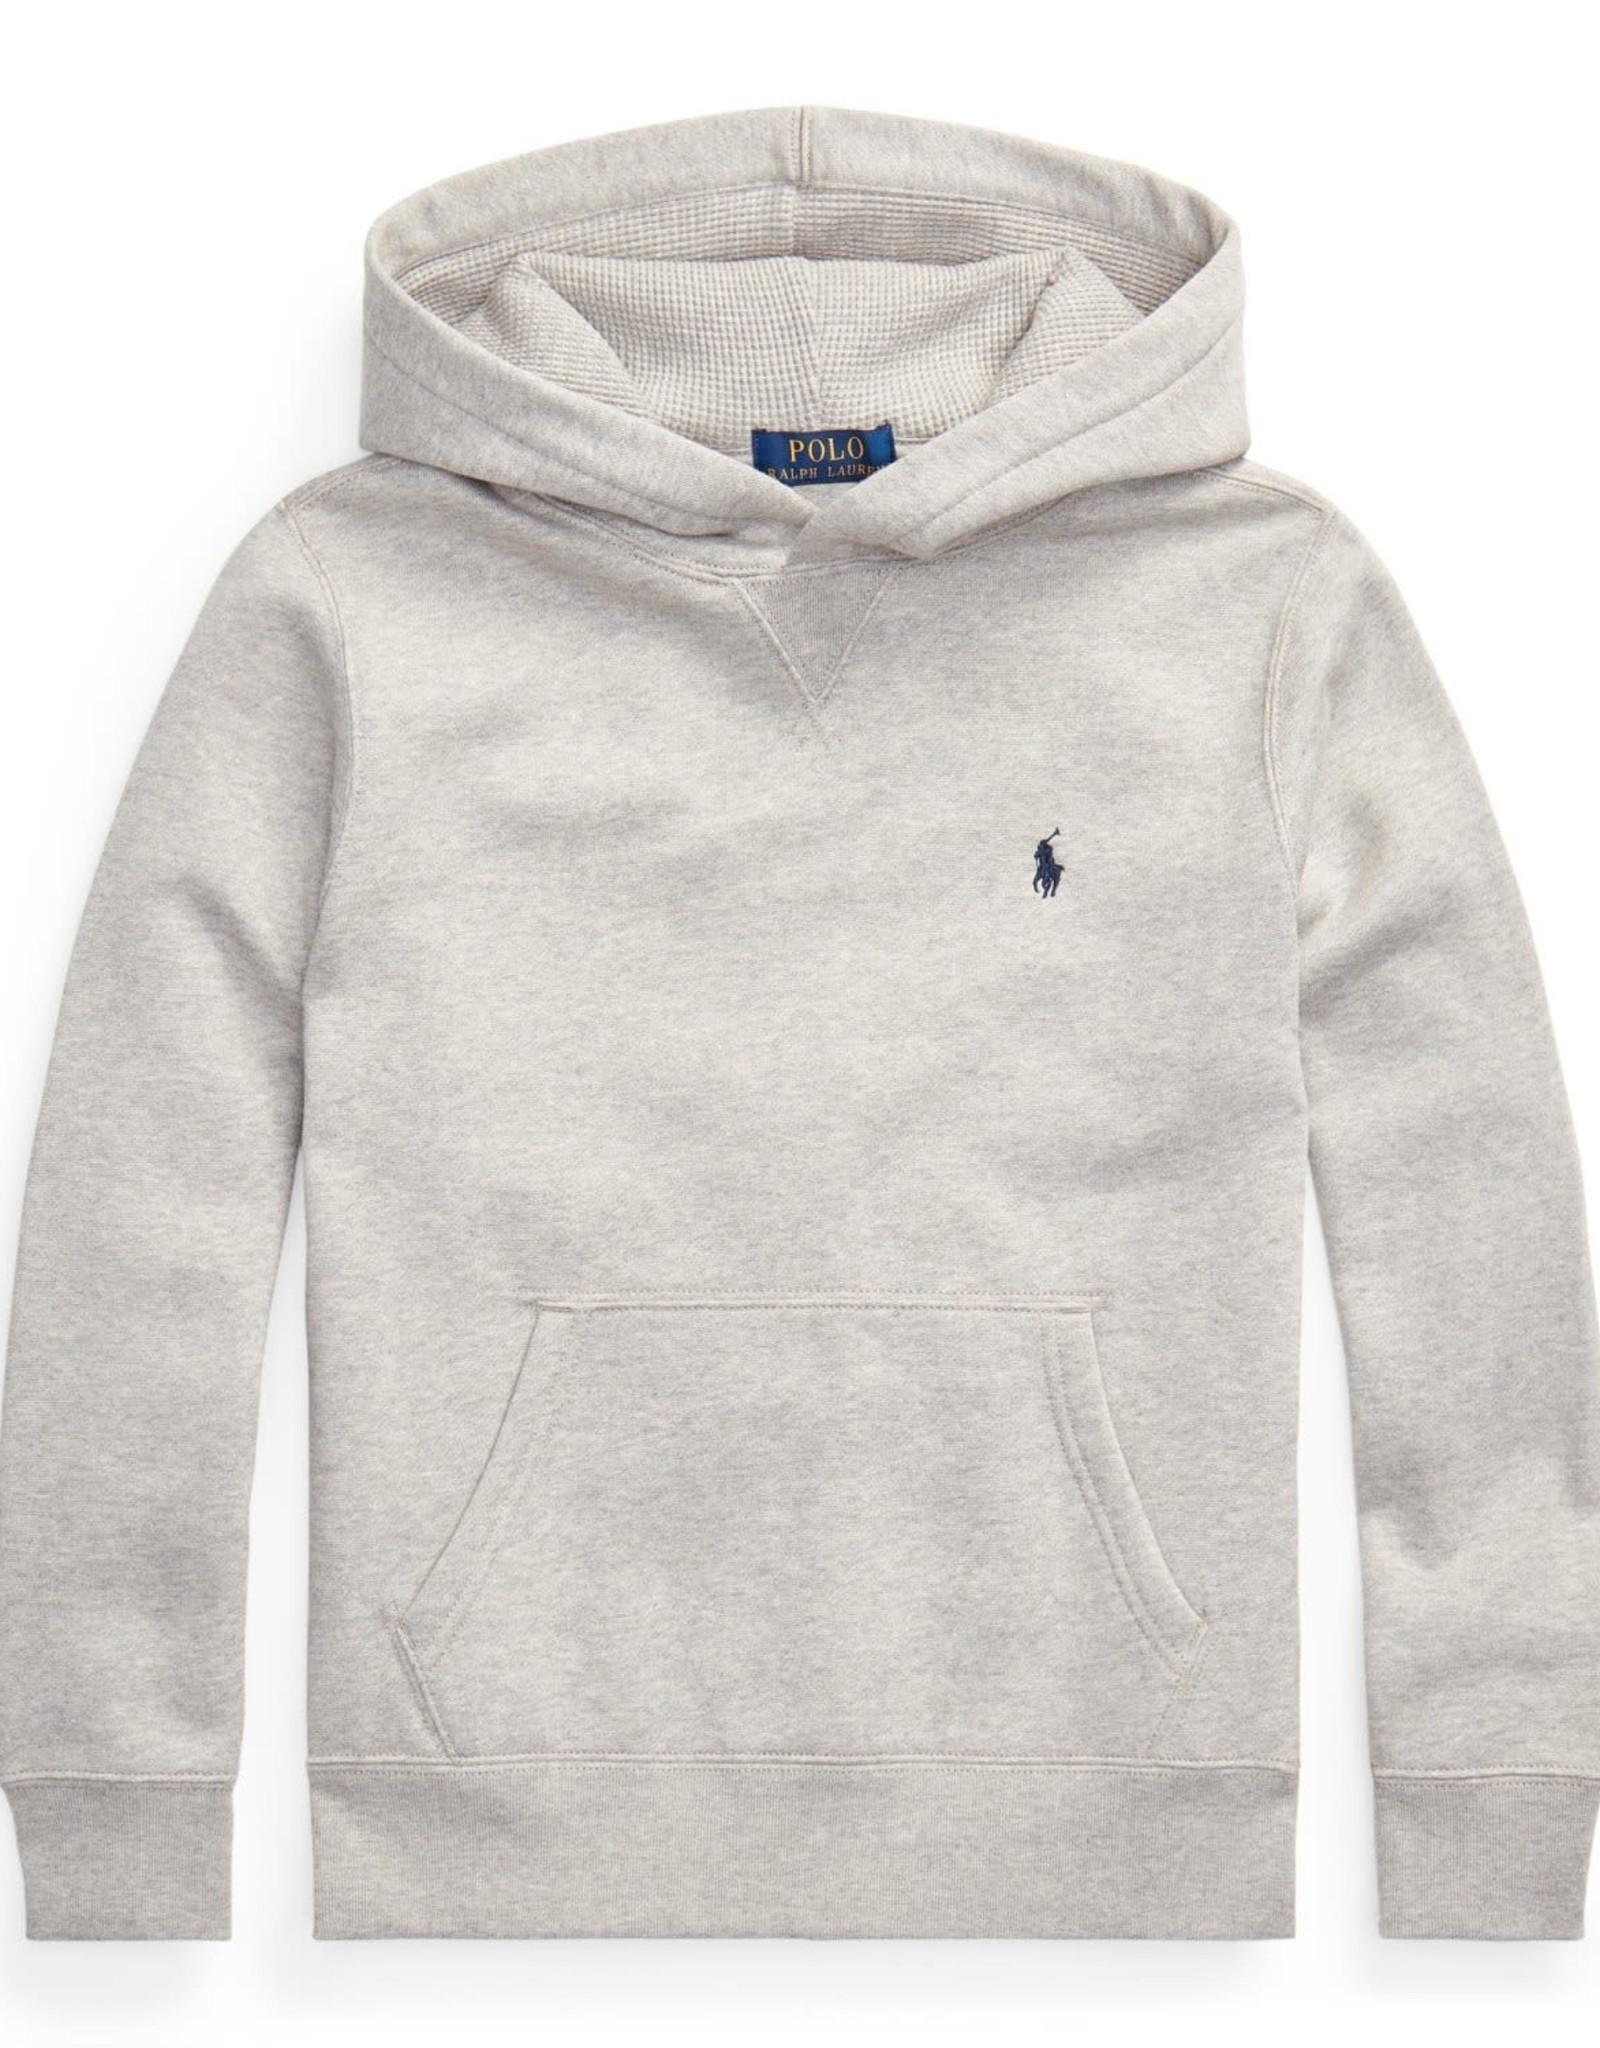 RALPH LAUREN RALPH LAUREN Sweater grijs